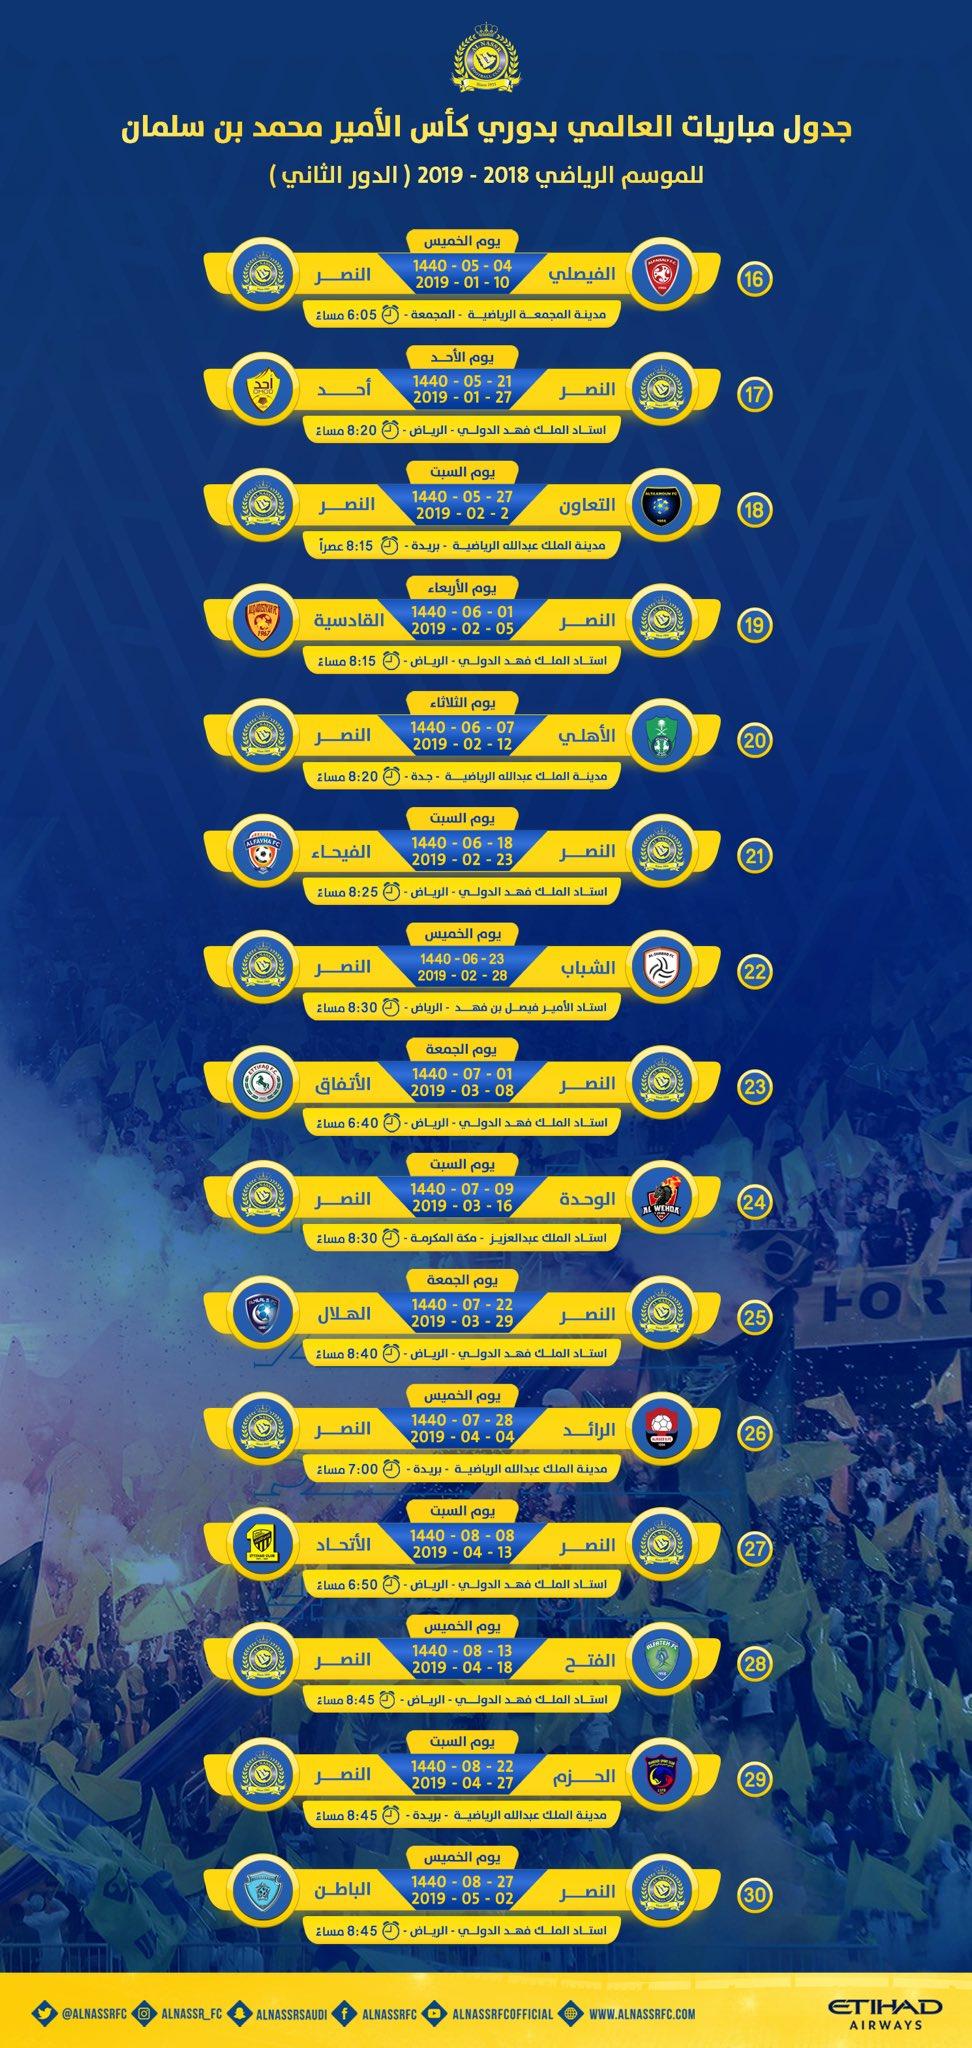 نادي النصر السعودي Sur Twitter جدول مباريات العالمي في الدور الثاني من دوري كأس الأمير محمد بن سلمان بالتوفيق